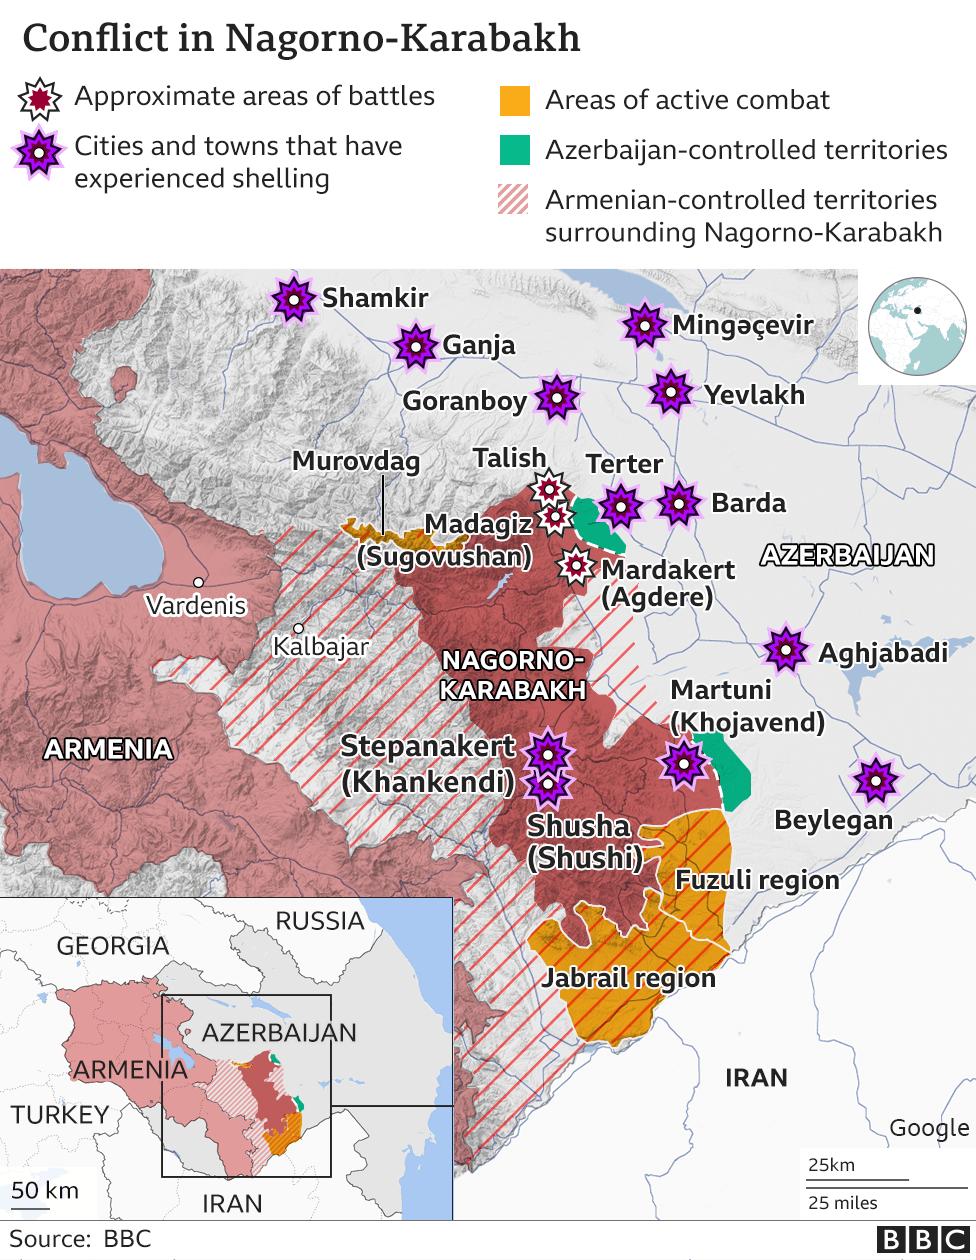 Η πορεία των μαχών στο Ναγκόρνο Καραμπάχ – Χάρτης επιχειρήσεων